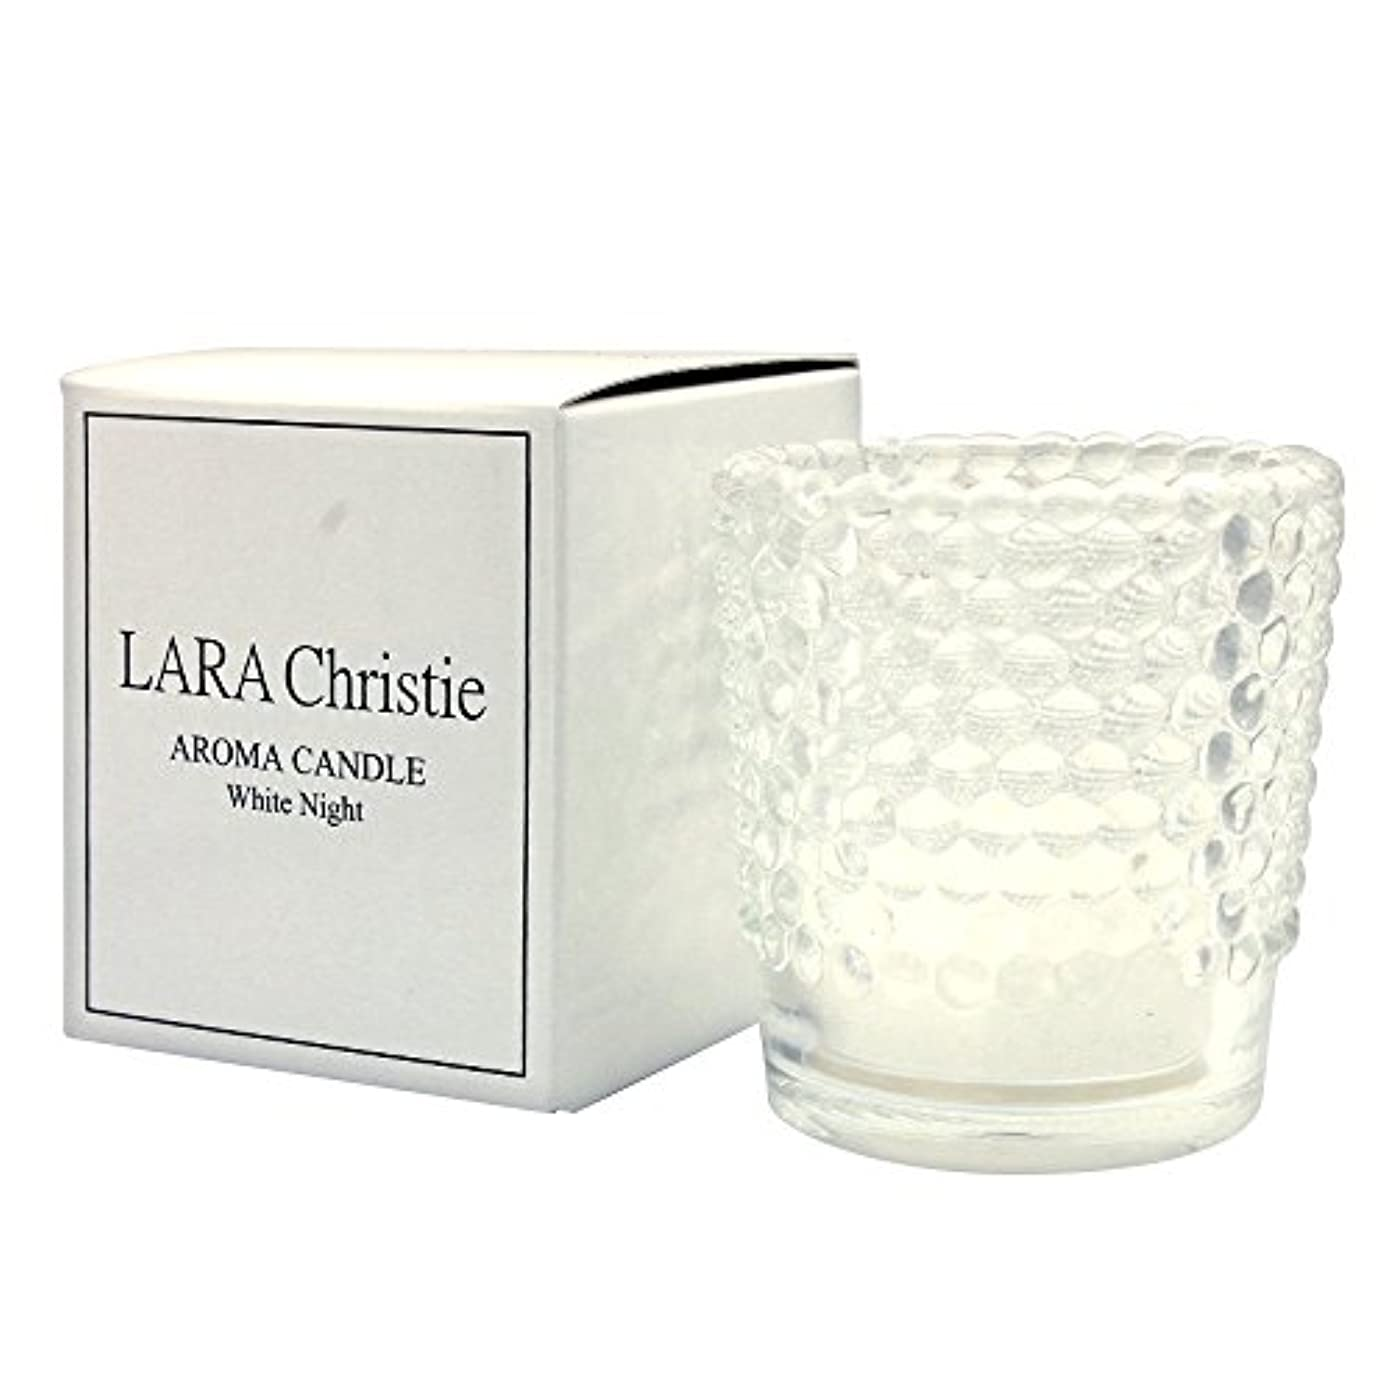 含む癌開拓者[ララクリスティー] LARA Christie ホワイトナイト アロマキャンドル [ WHITE Label ] a0011-w